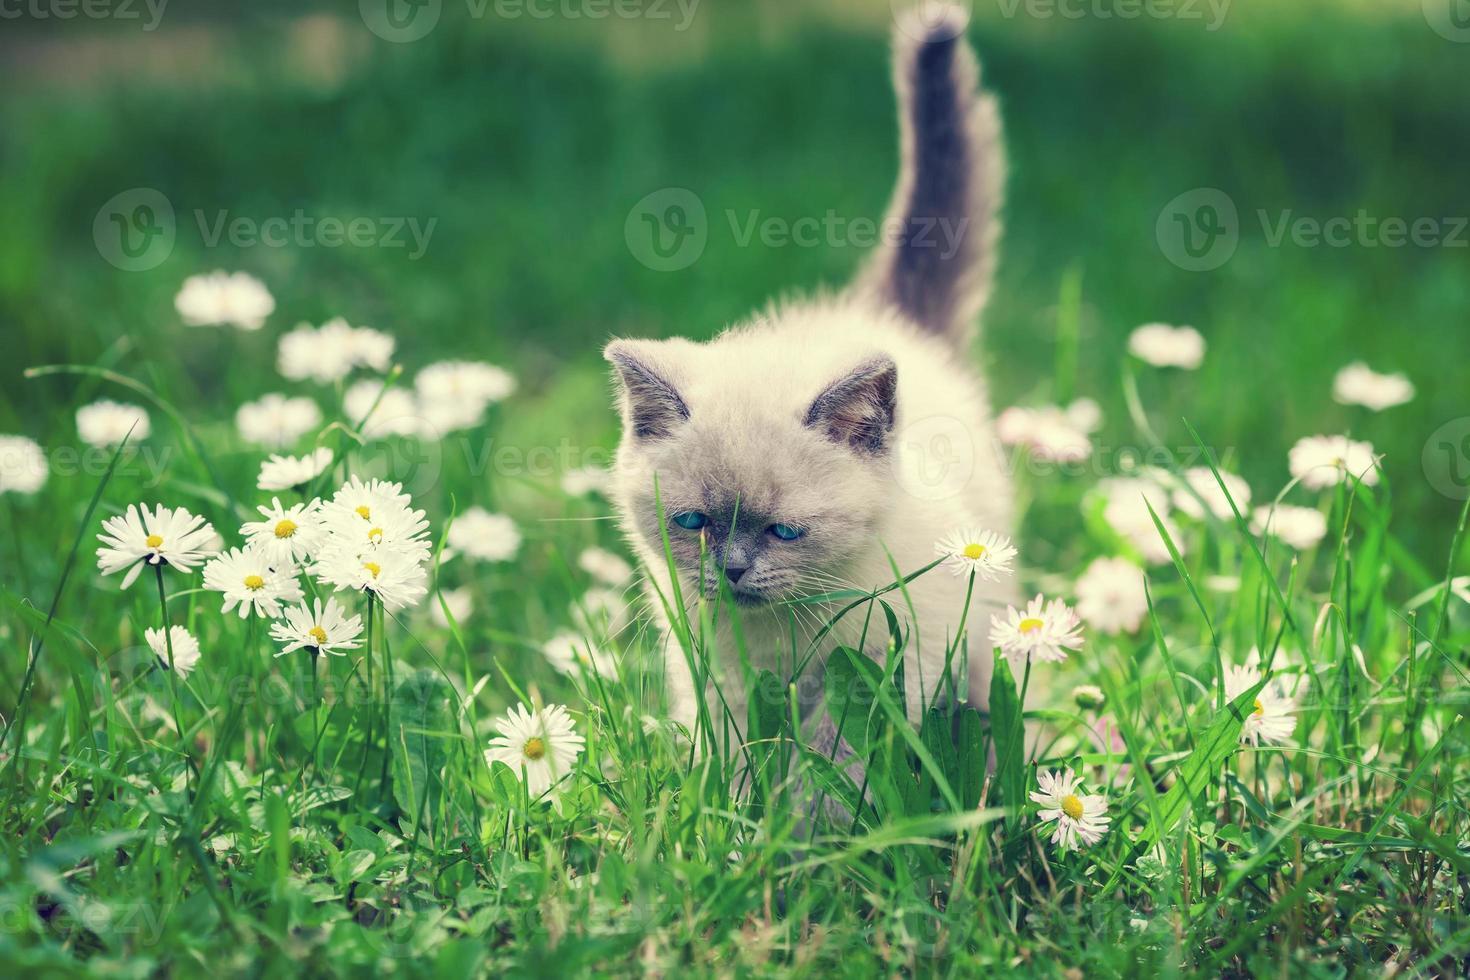 Kitten in flower lawn photo